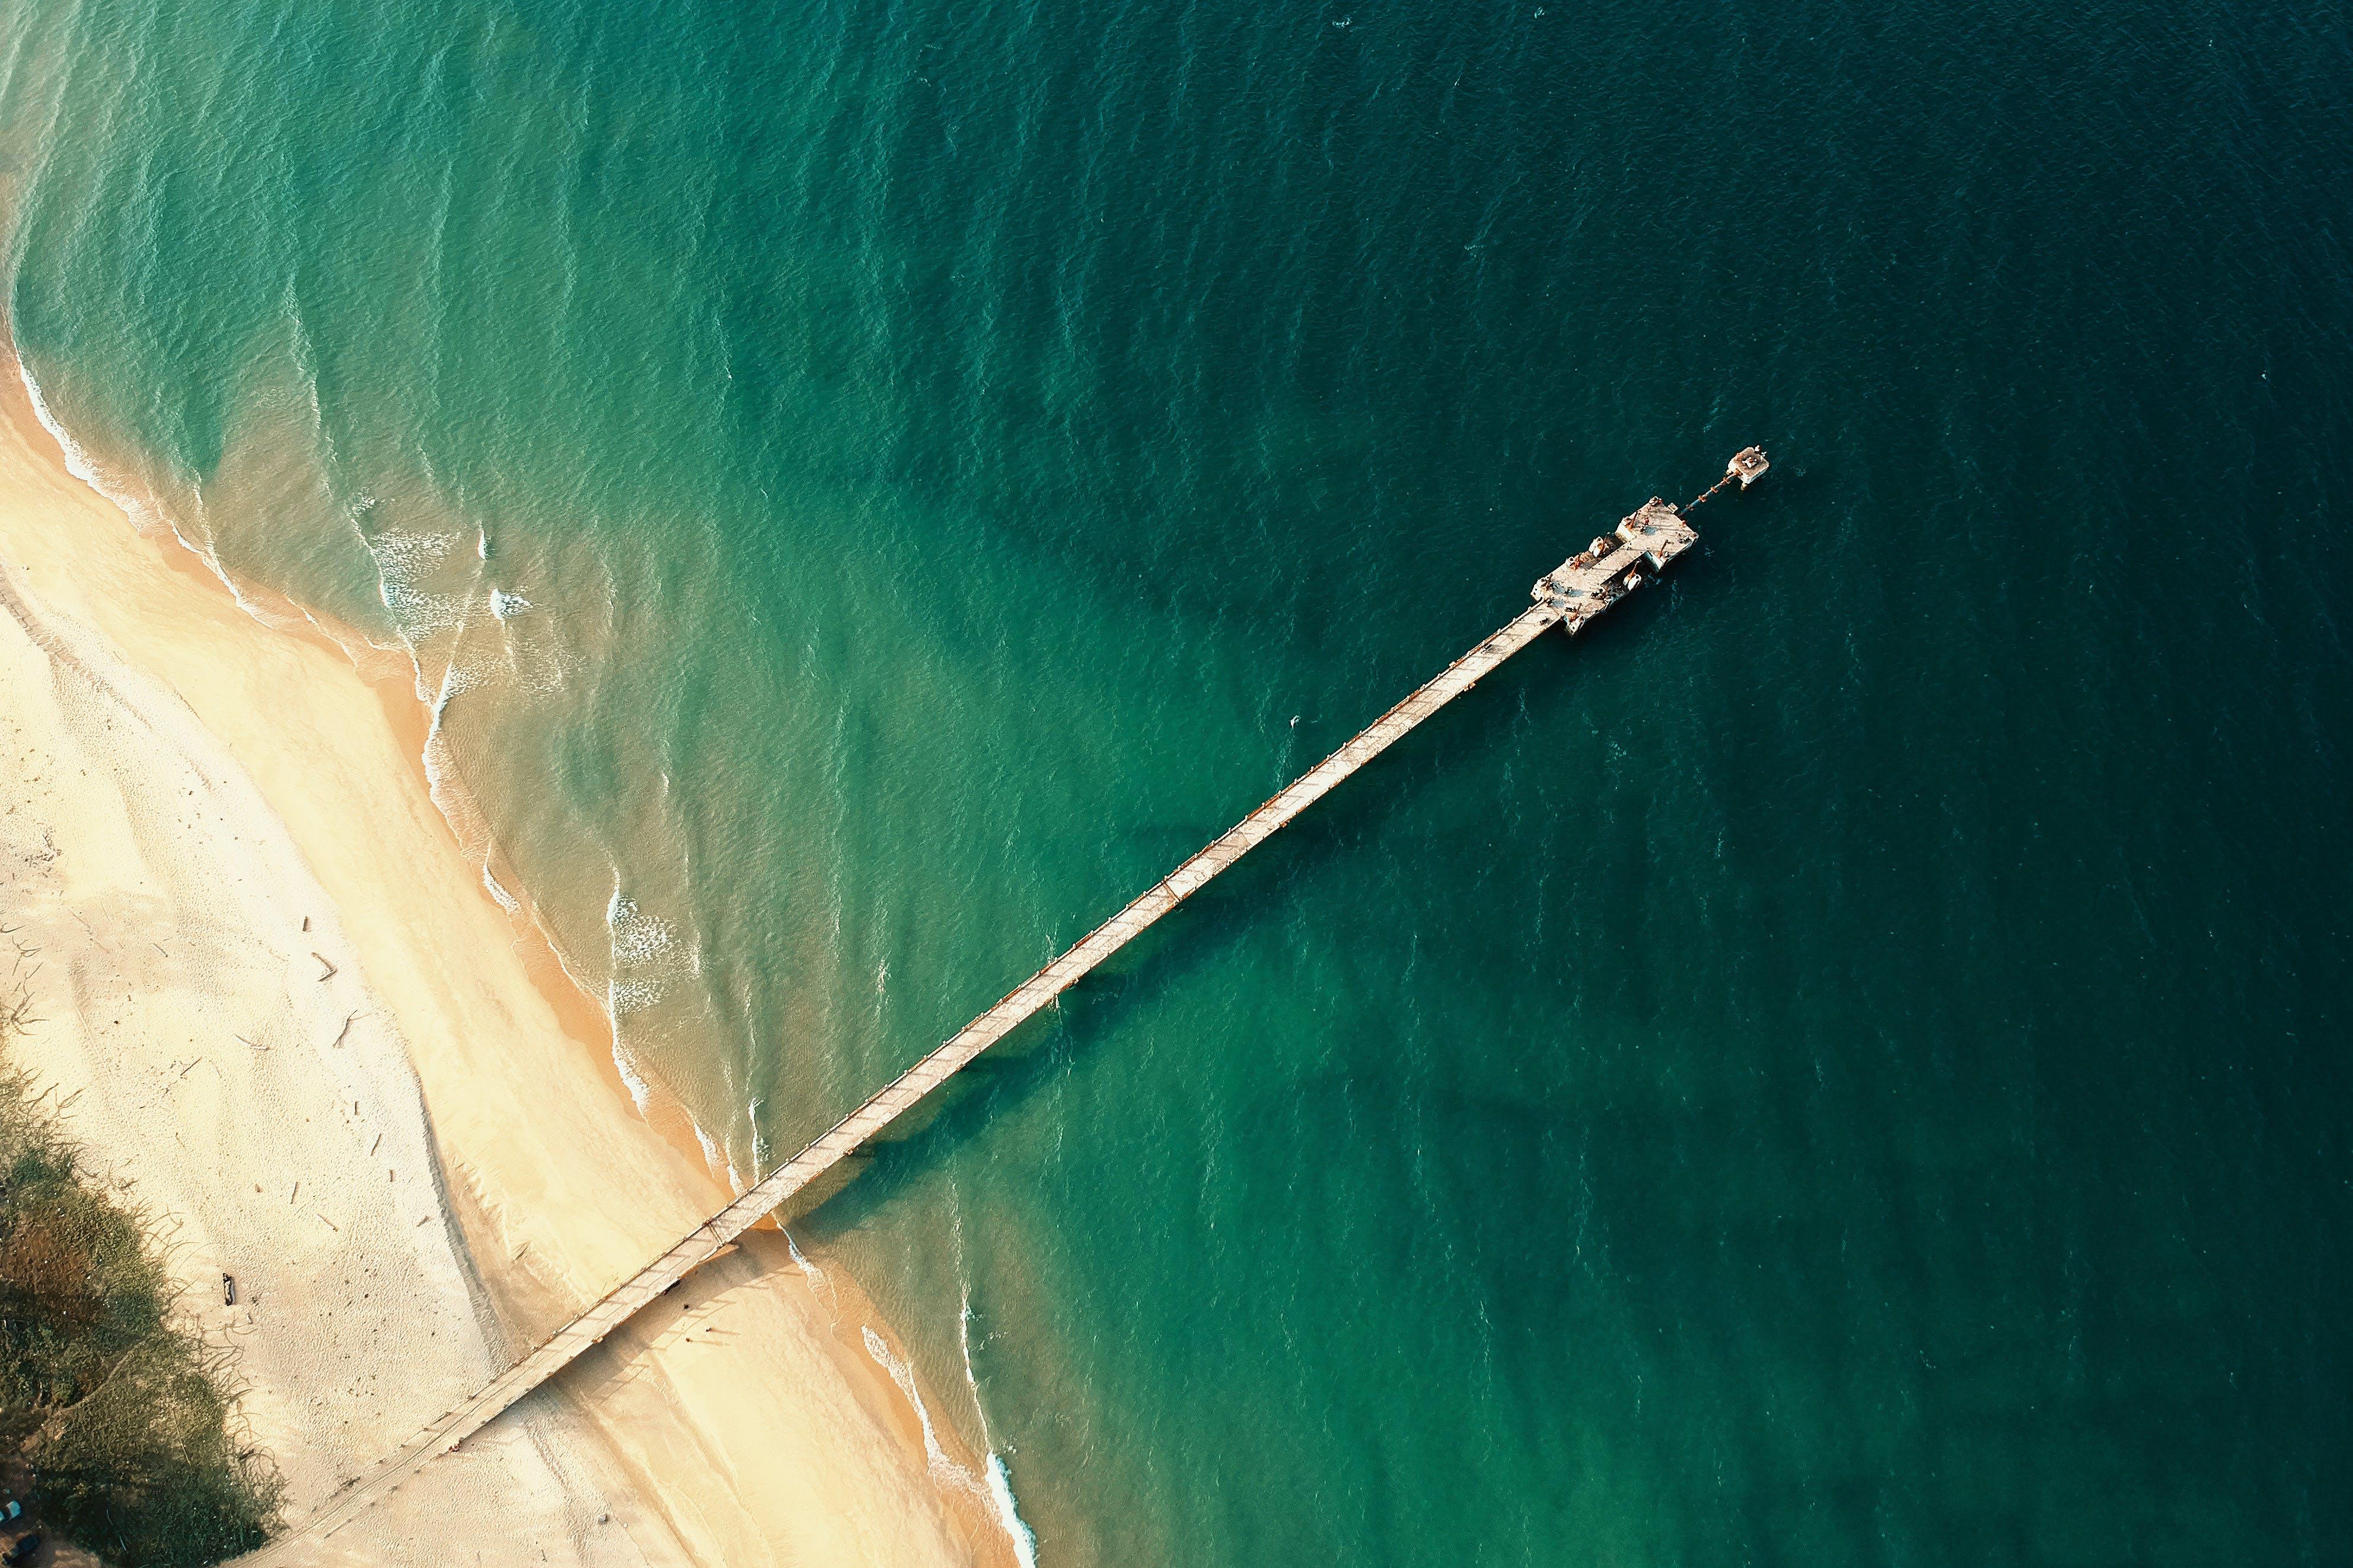 シースケープ, ビーチ, 日光, 桟橋の無料の写真素材